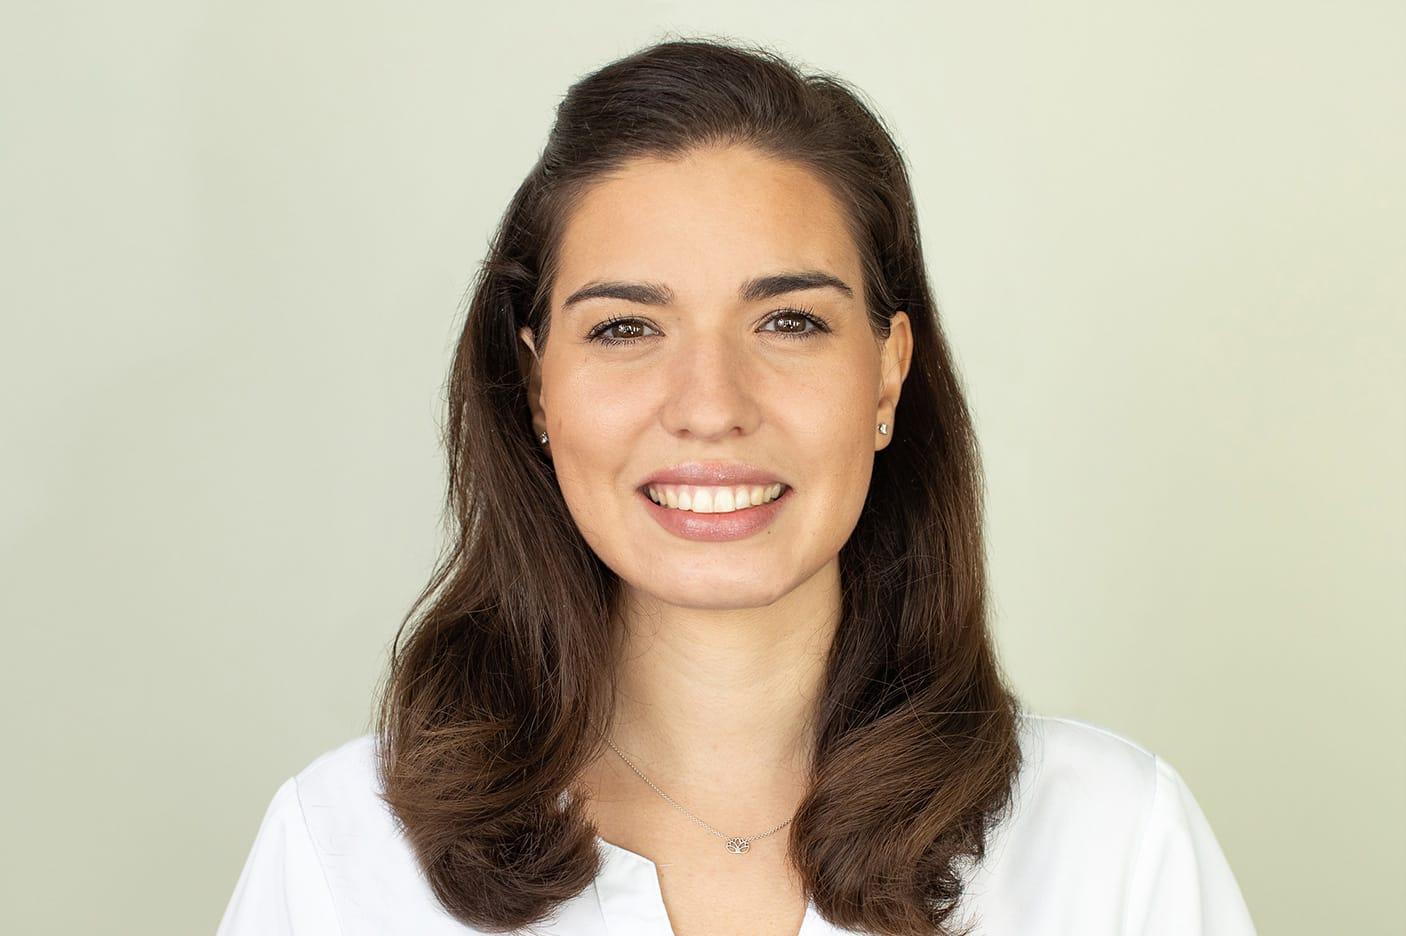 Vunder Orthodontics Adriana Murta